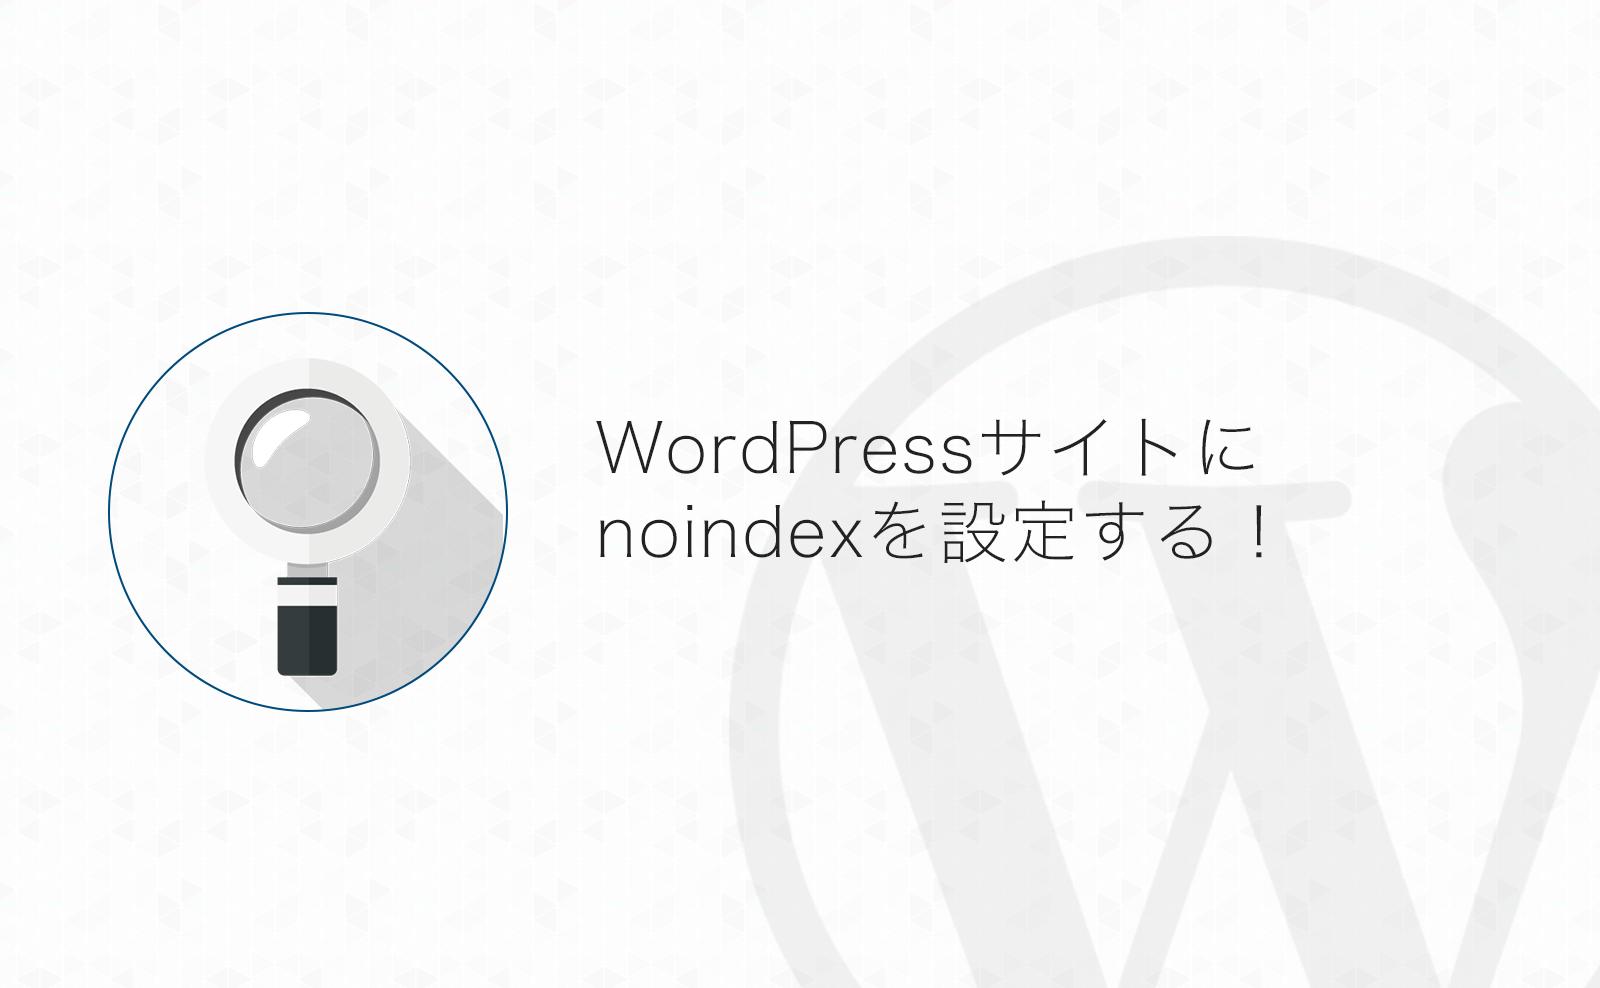 【WordPress】サイトをGoogleなどの検索エンジンにインデックスさせないようにする方法